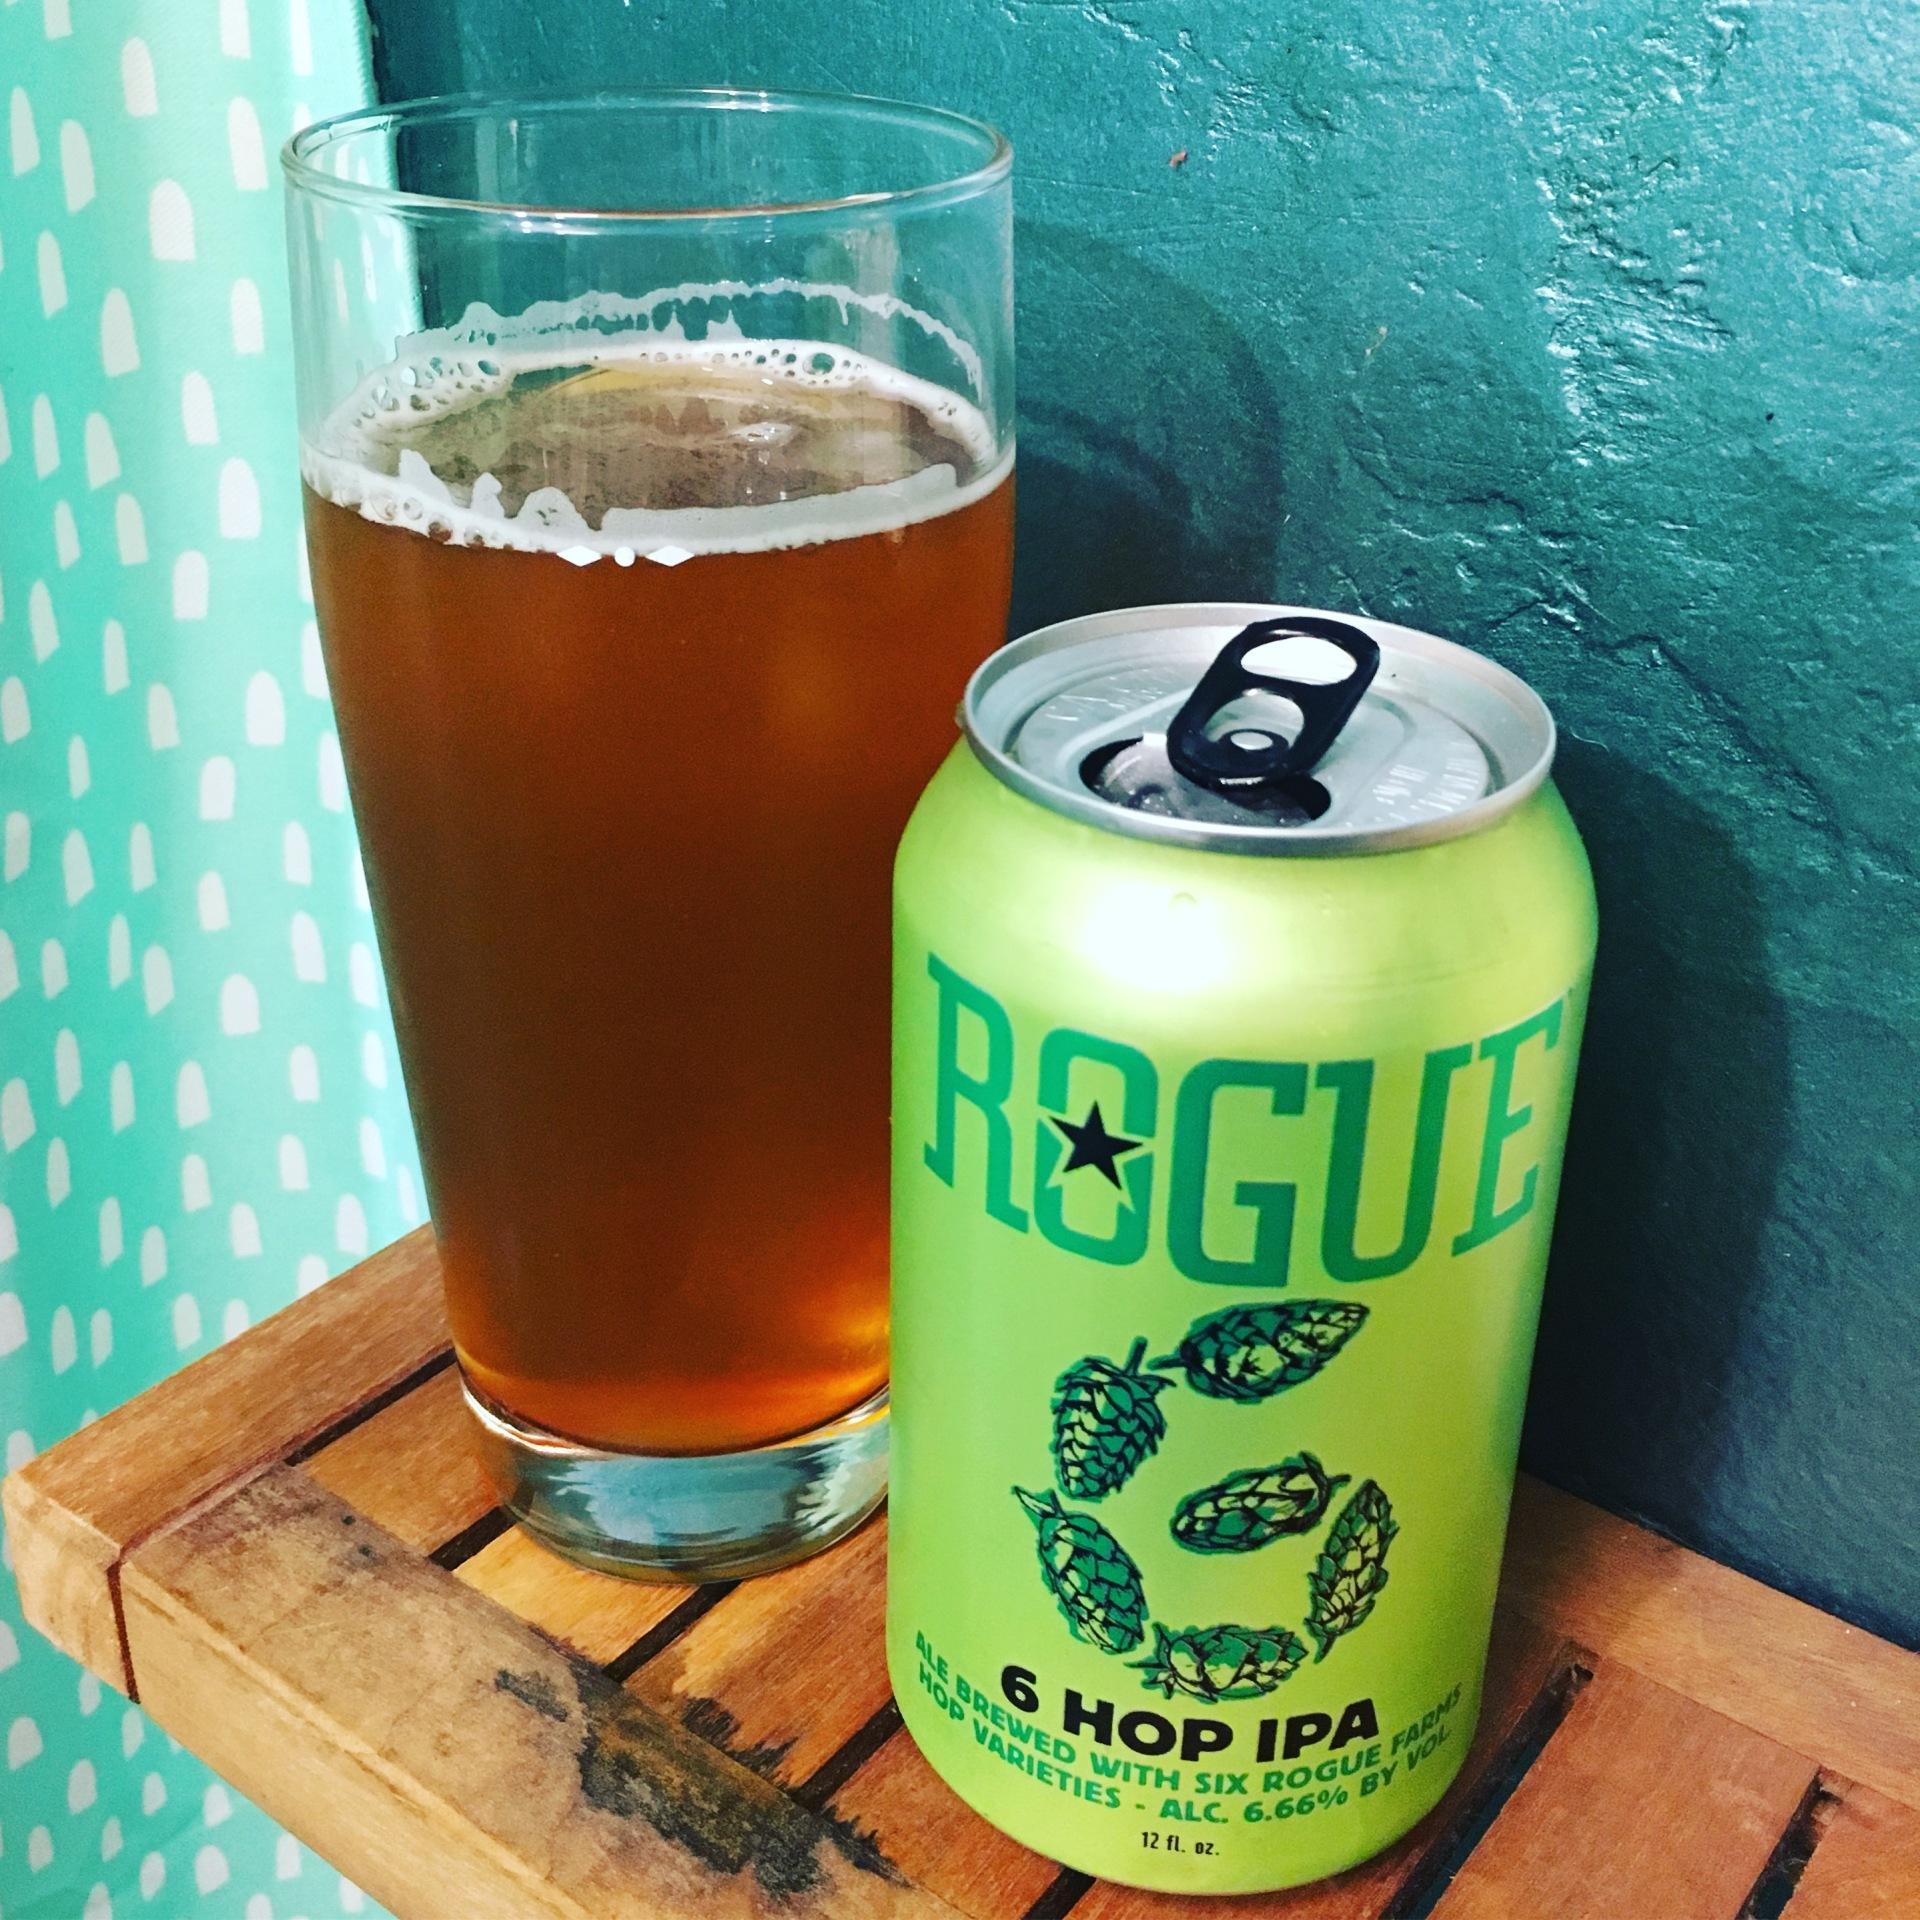 6 Hop IPA - Rogue